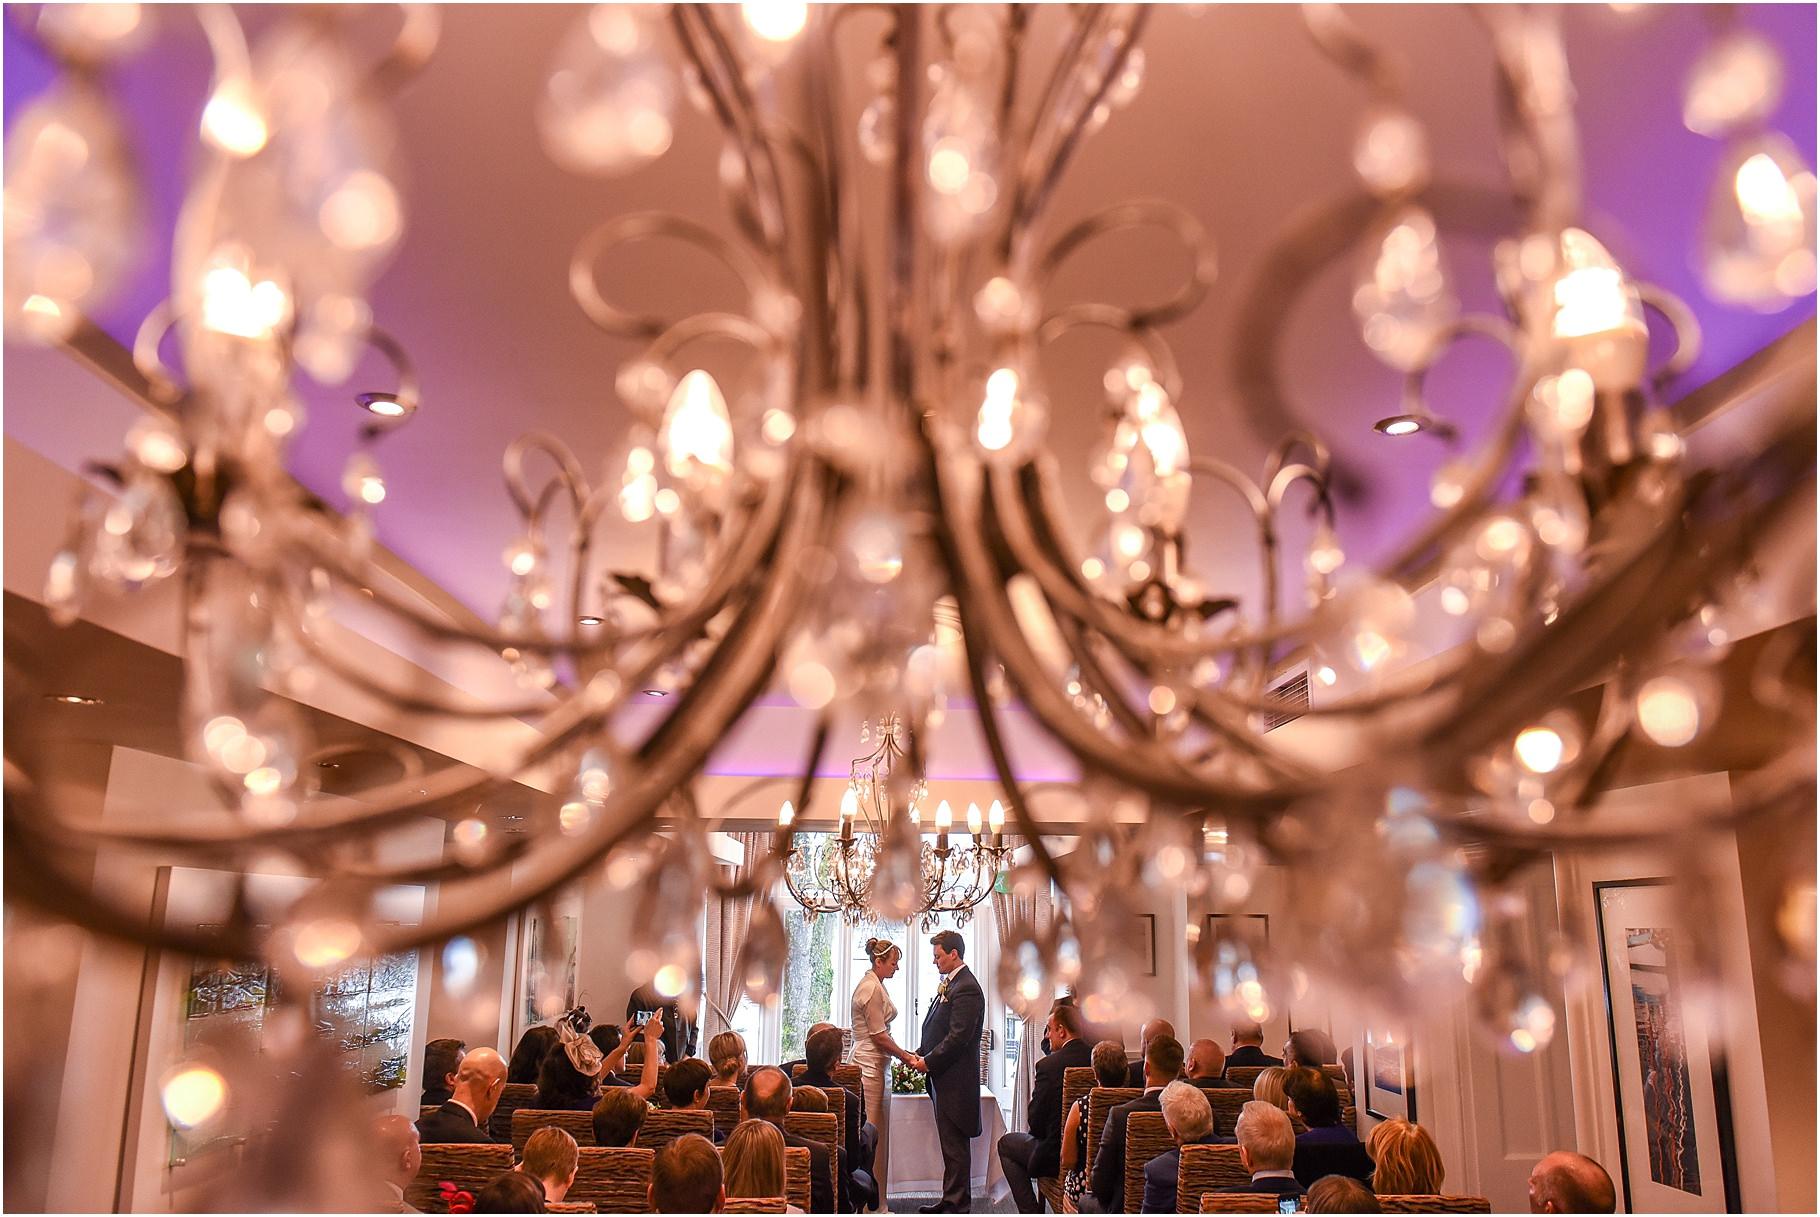 lake-district-winter-wedding-037.jpg